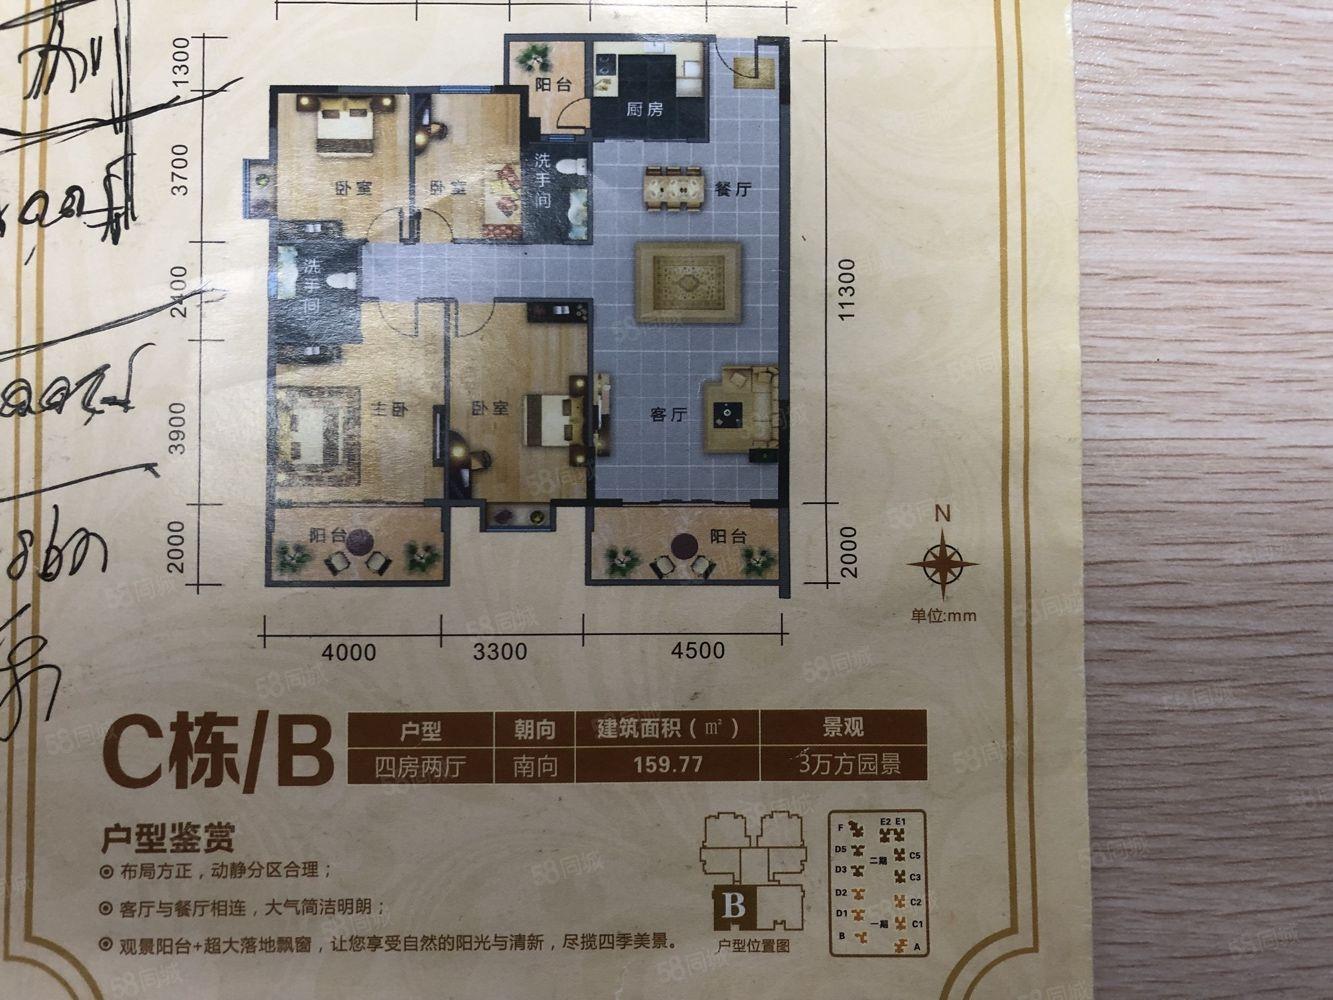 东信首府顶层复式业主报价6100